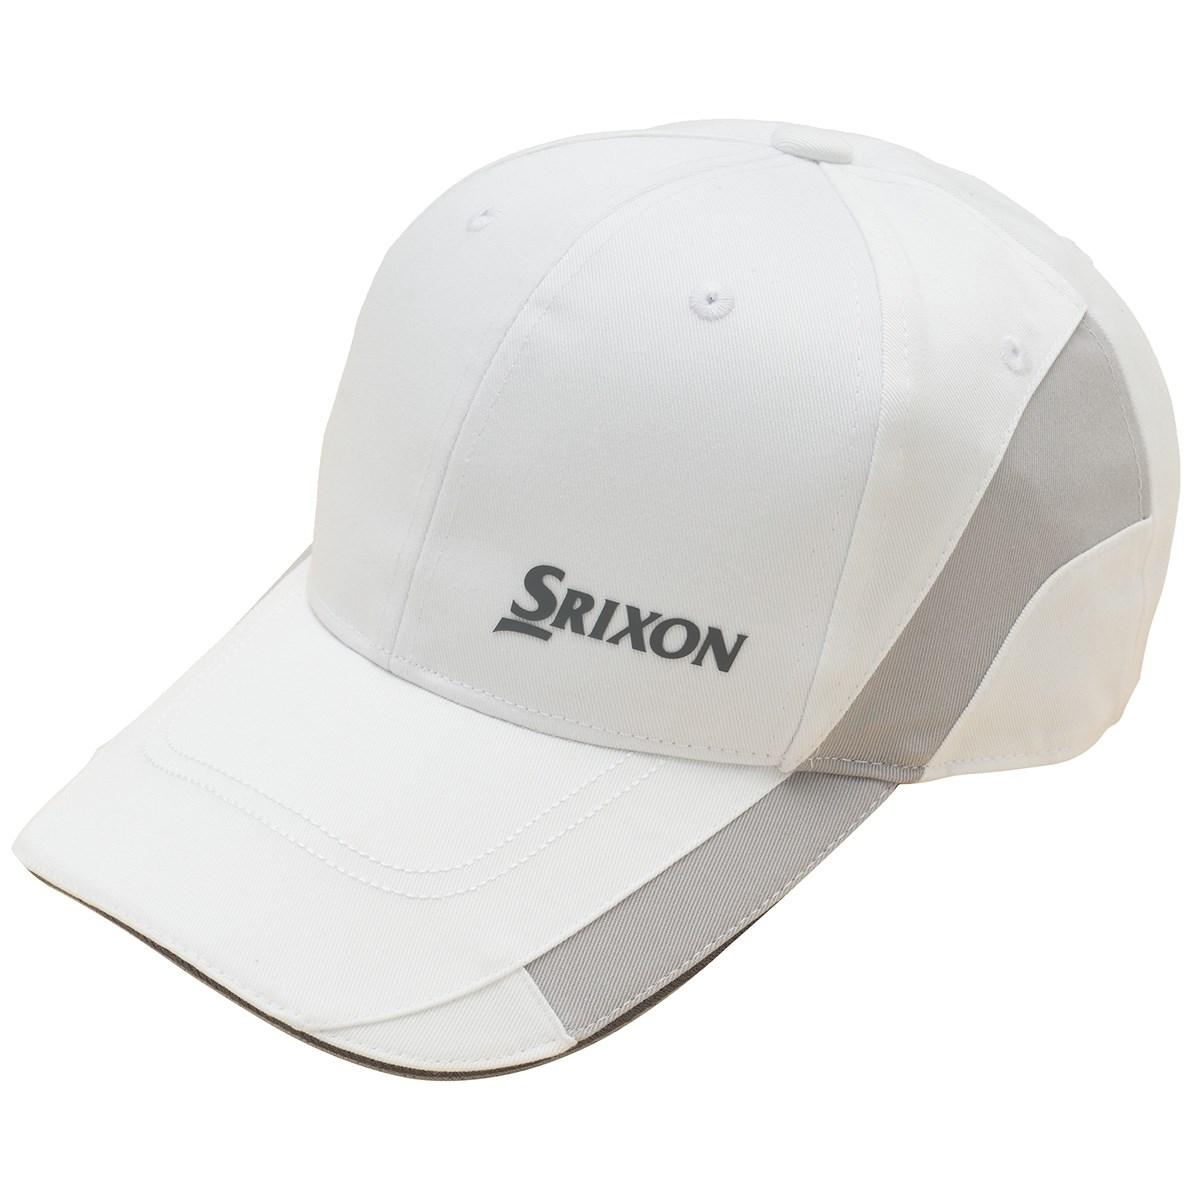 スリクソンゴルフ SRIXON 切り替えデザインキャップ フリー ホワイト 00